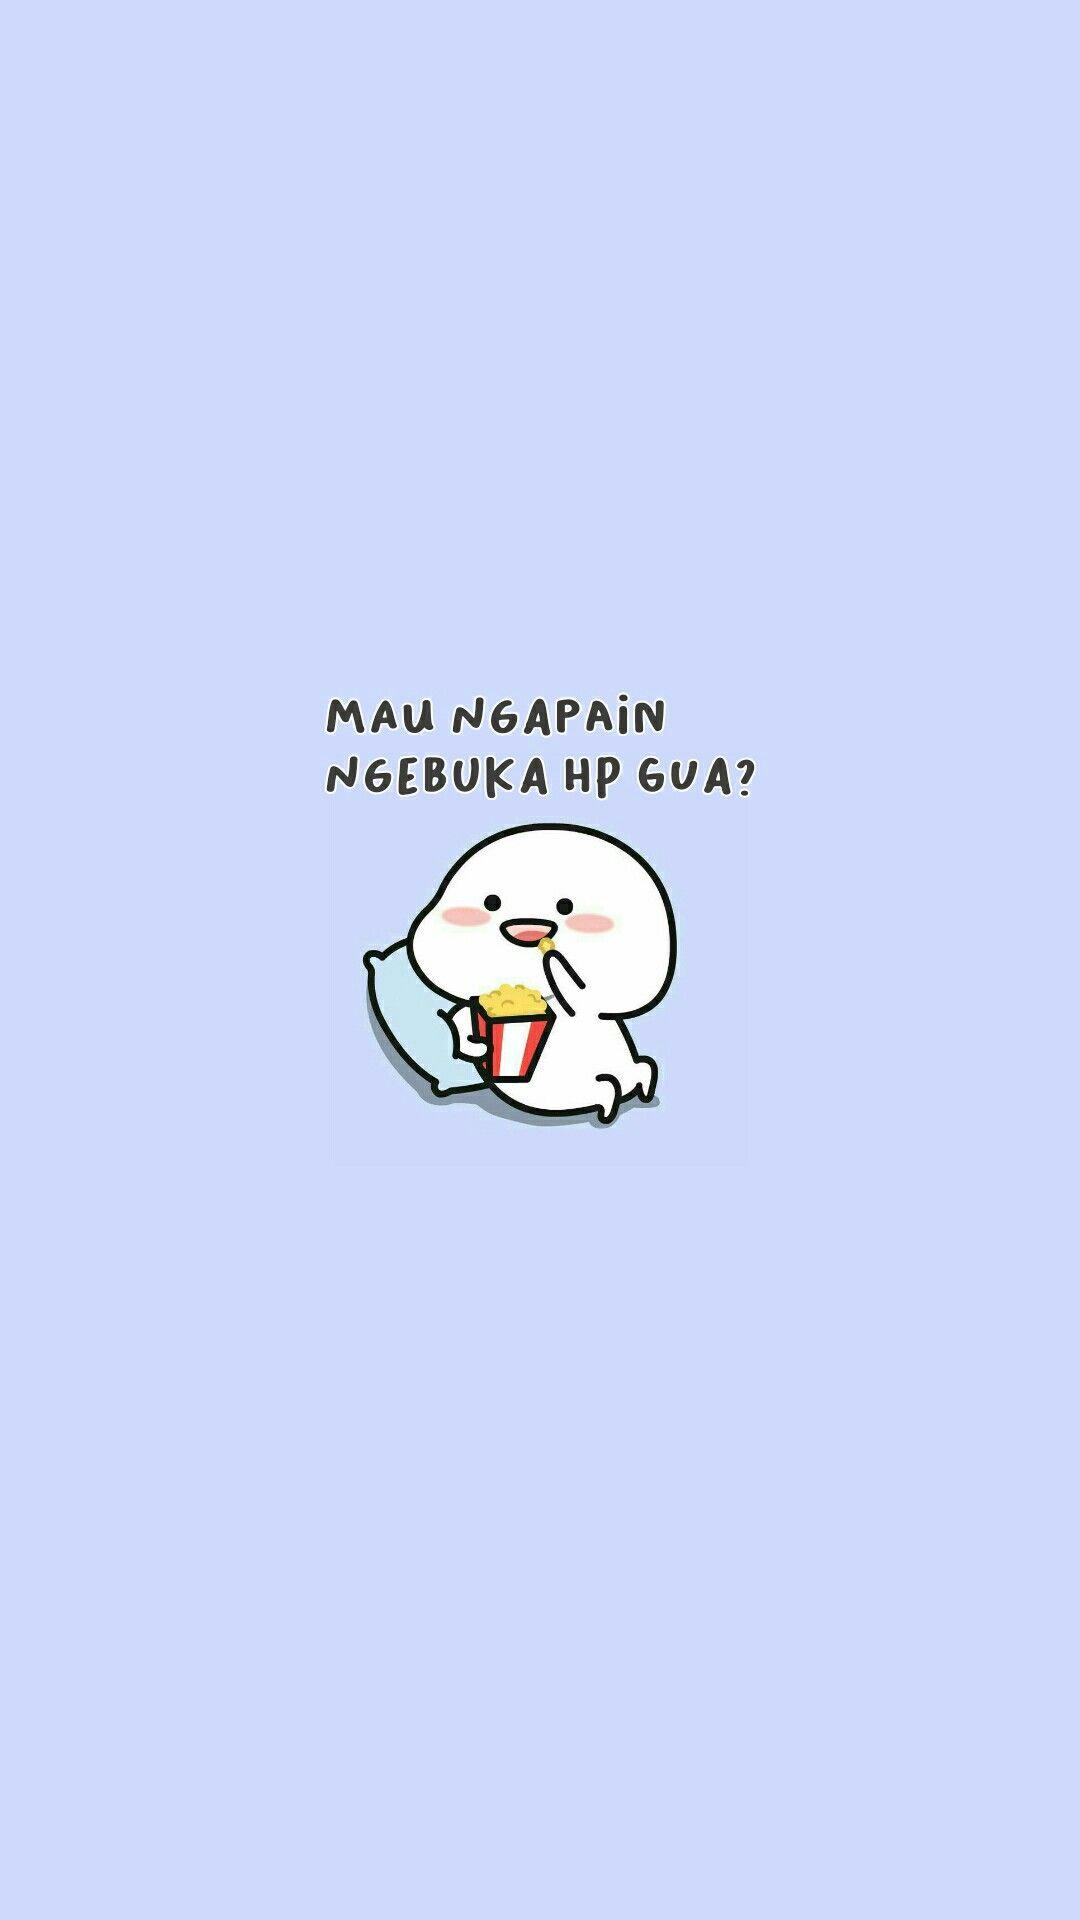 Pin Oleh Siskaa Di Pentol Or Qubiy Wallpaper Kartun Lucu Wallpaper Emoji Lucu Wallpaper Ponsel Lucu